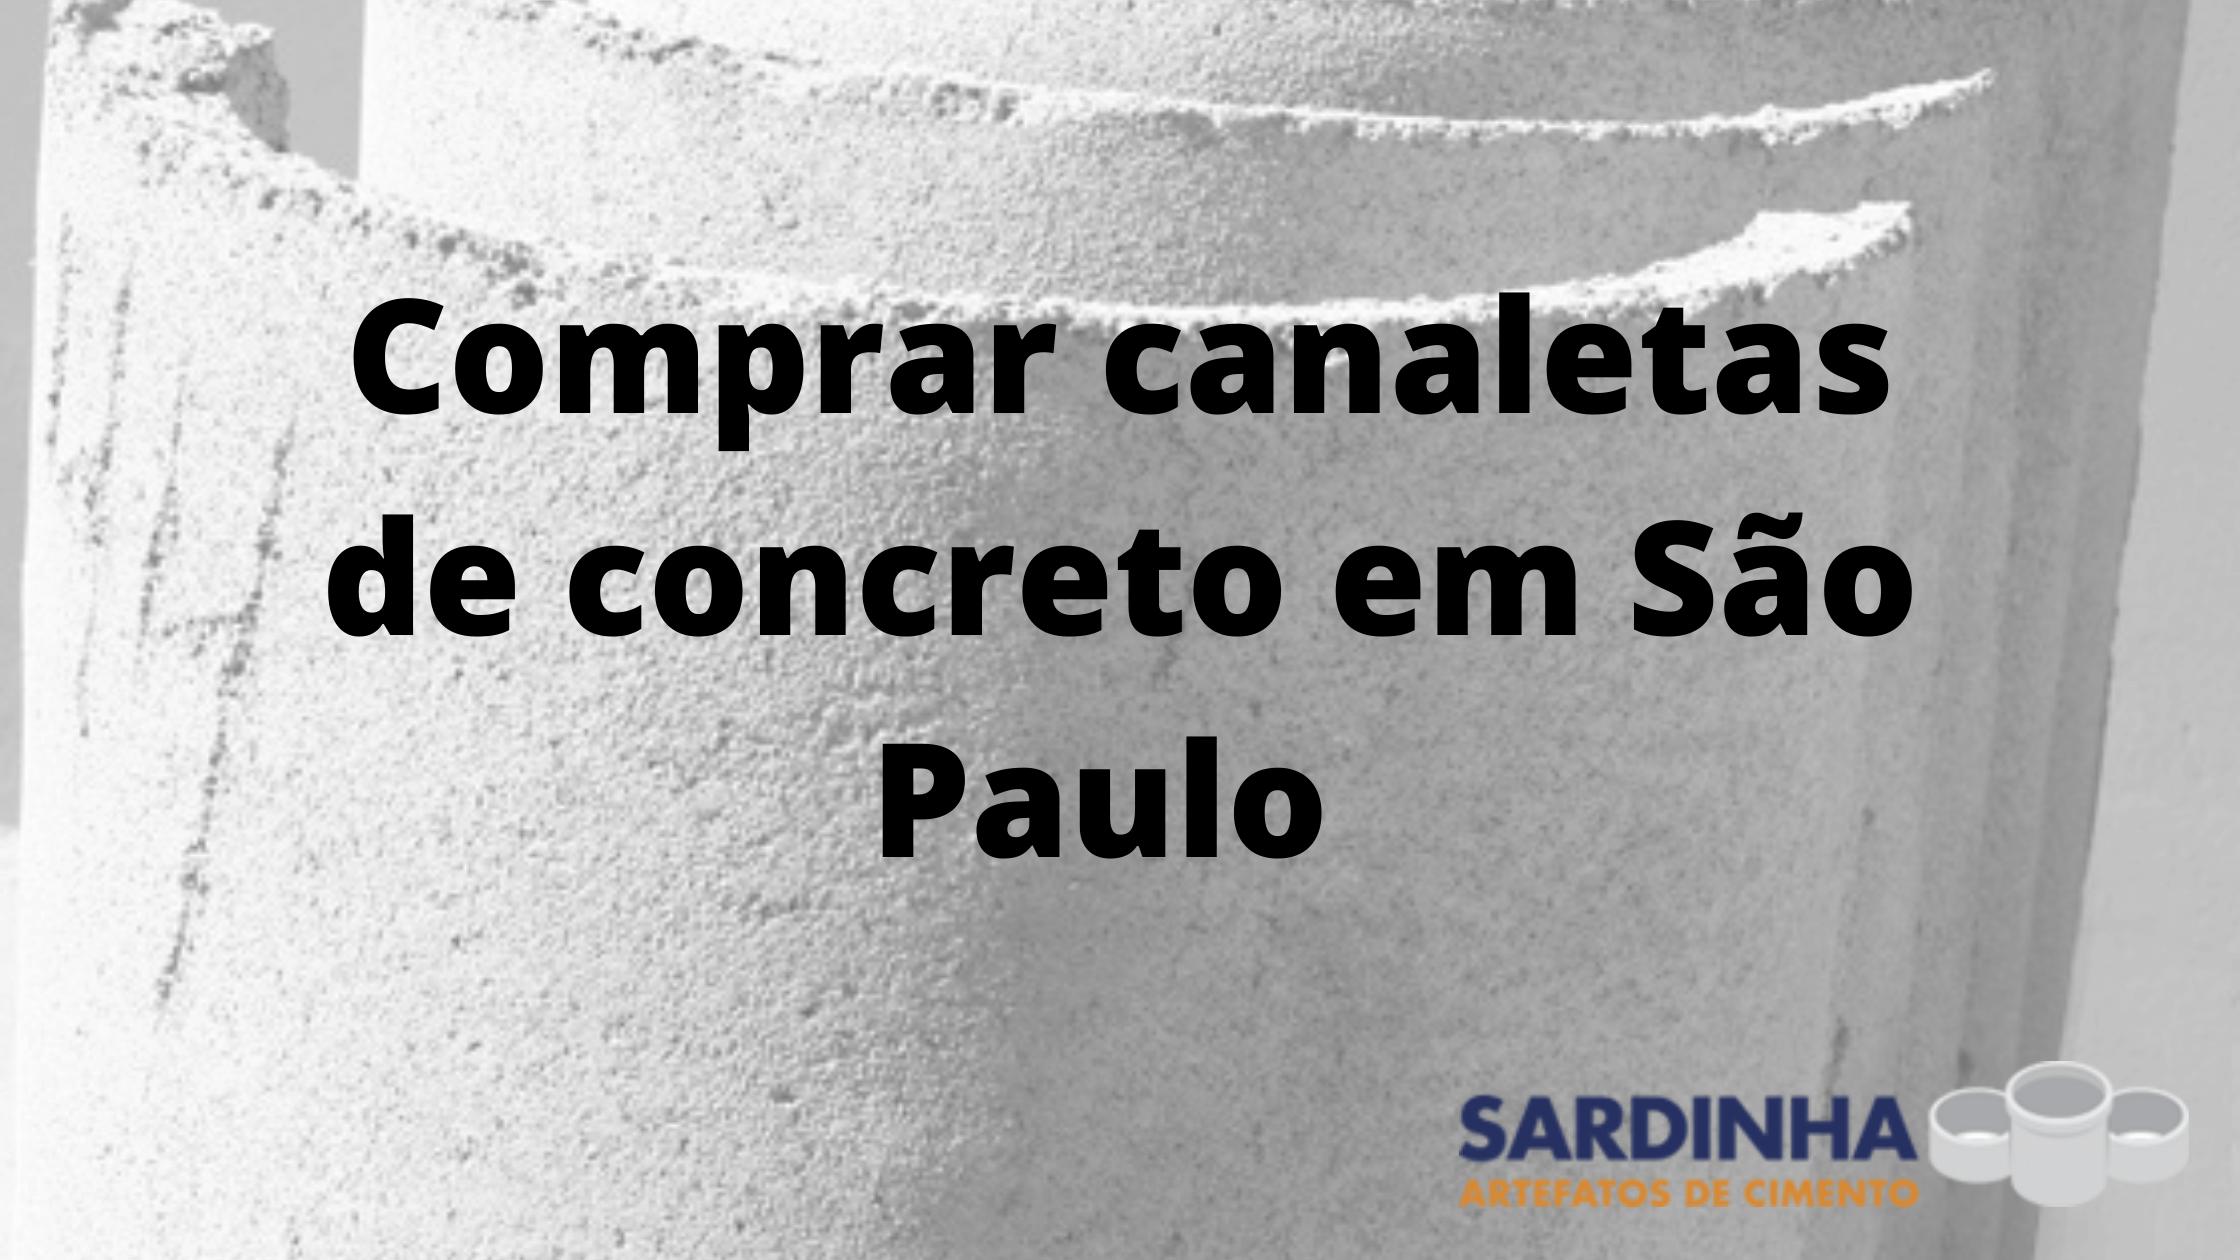 Comprar canaletas de concreto em São Paulo